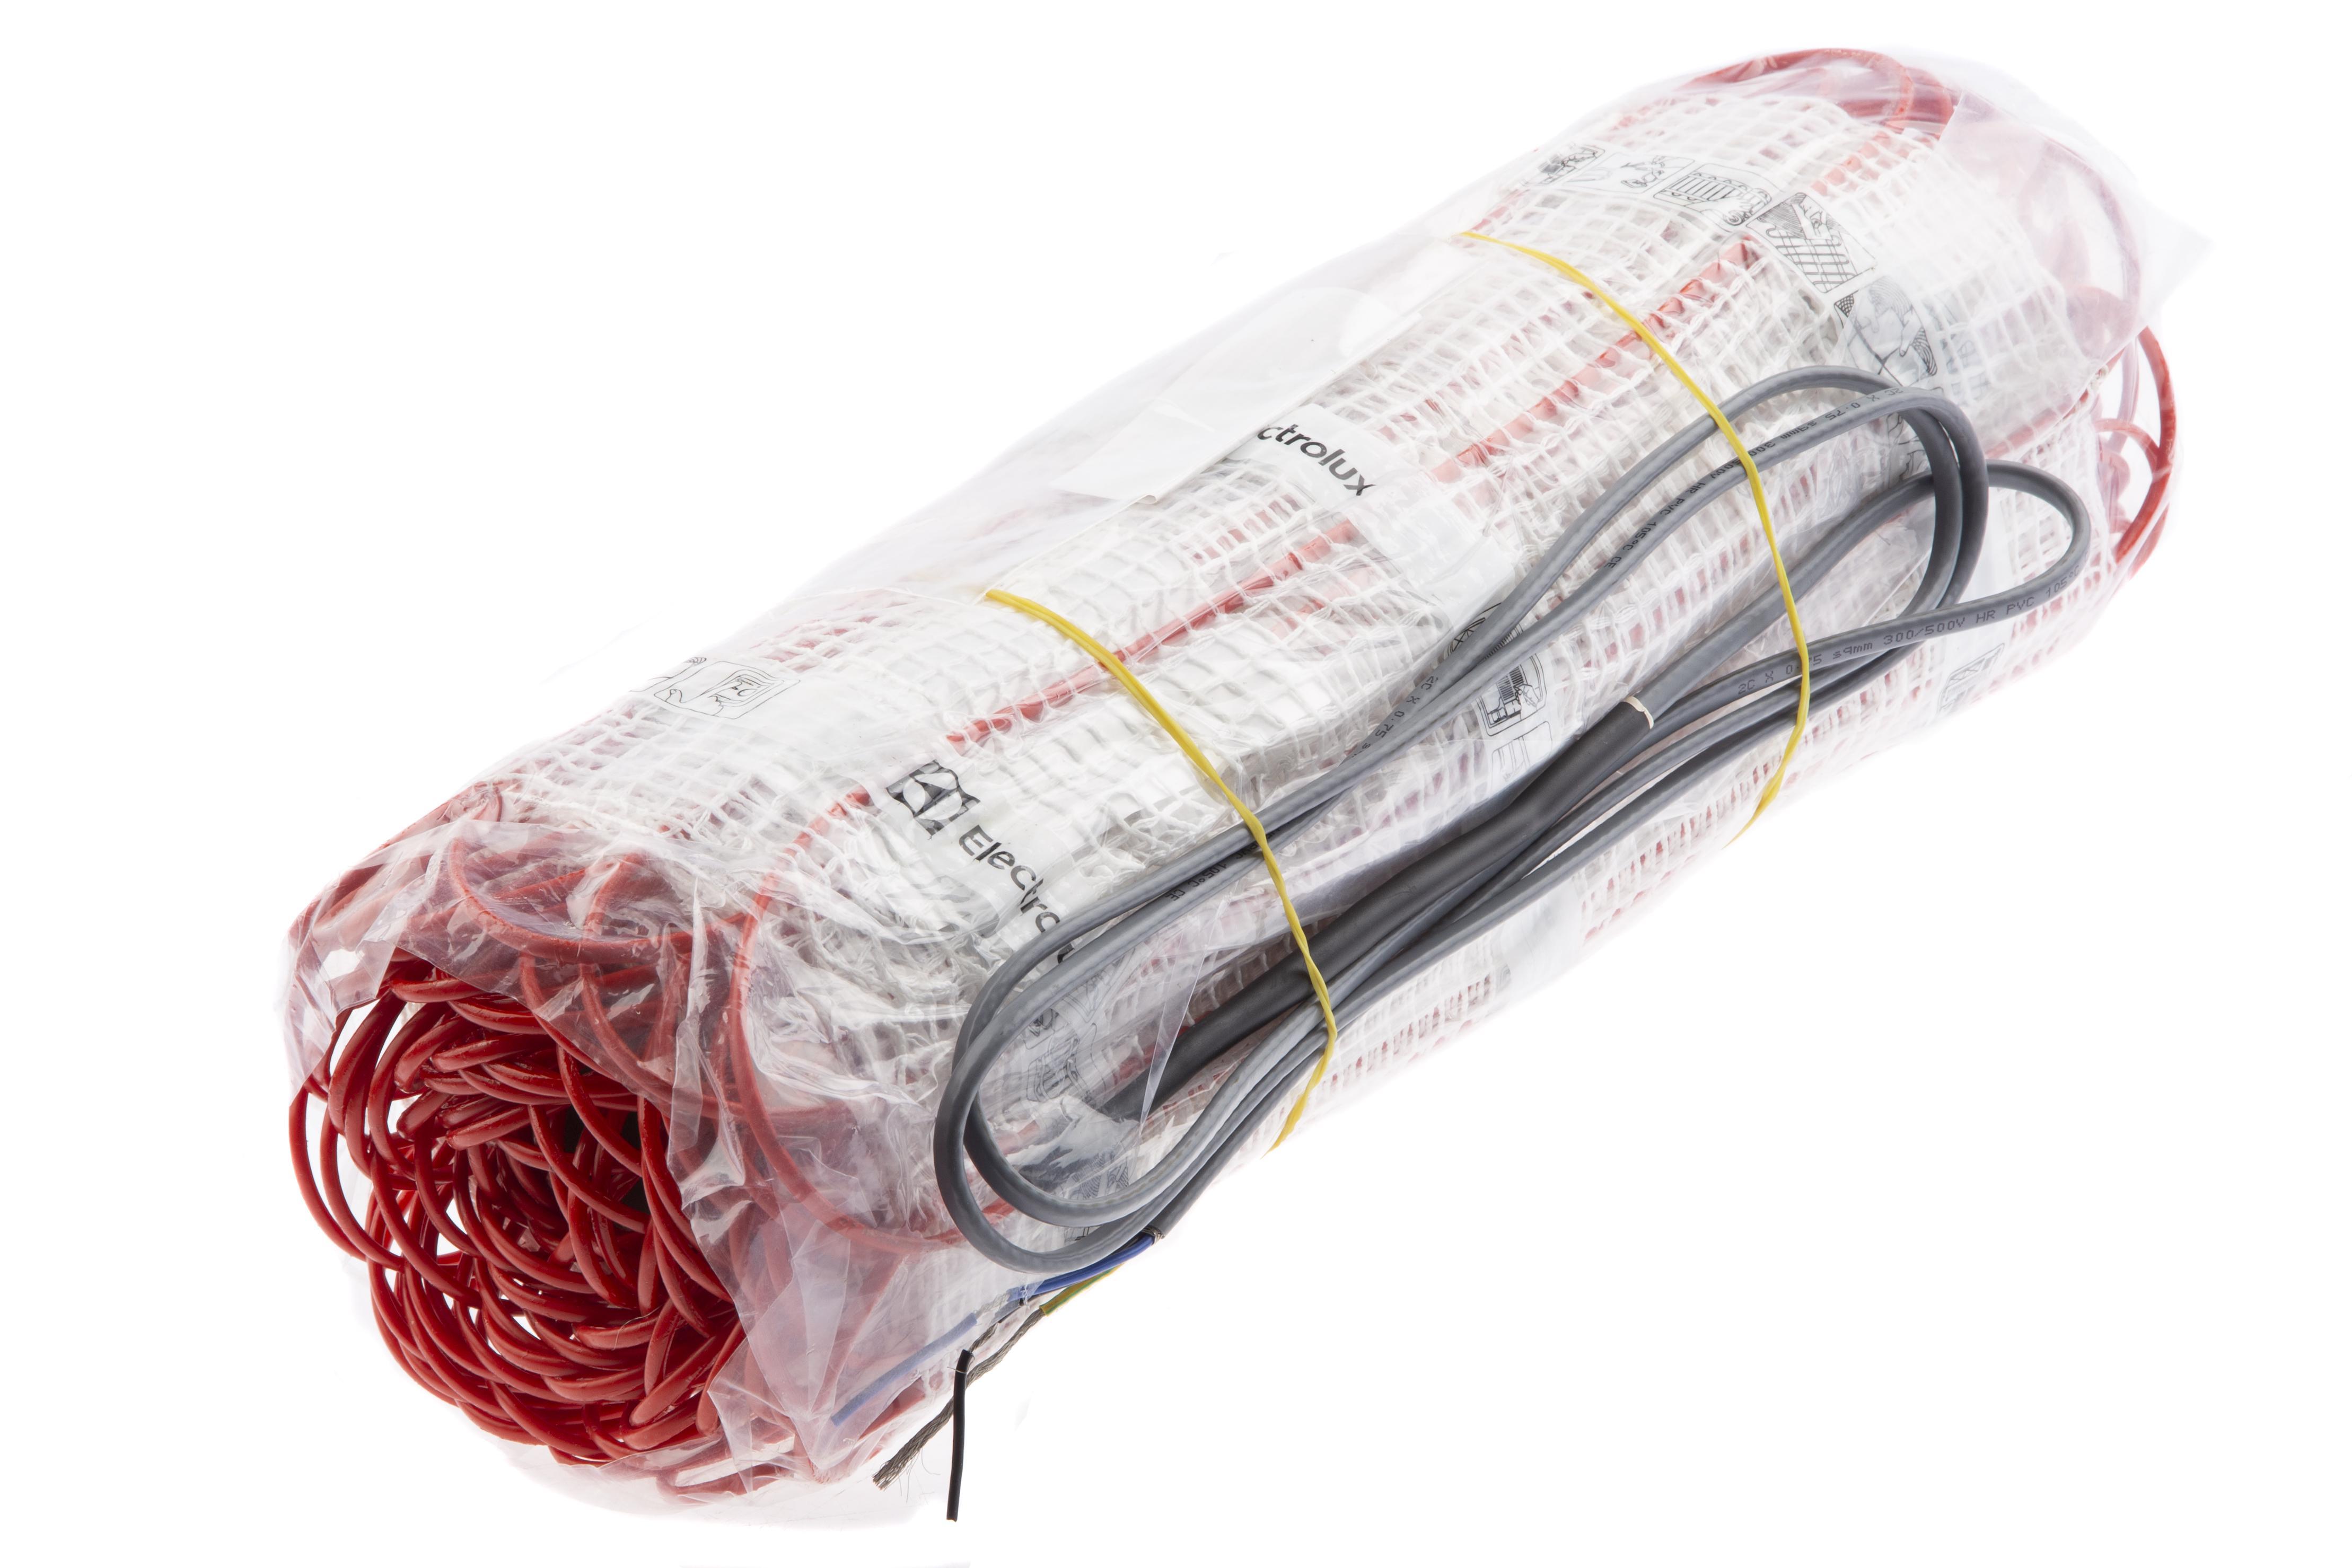 Теплый пол электрический под плитку Electrolux Easy fix mat eefm 2-150-6 плитку под дерево купить подольск